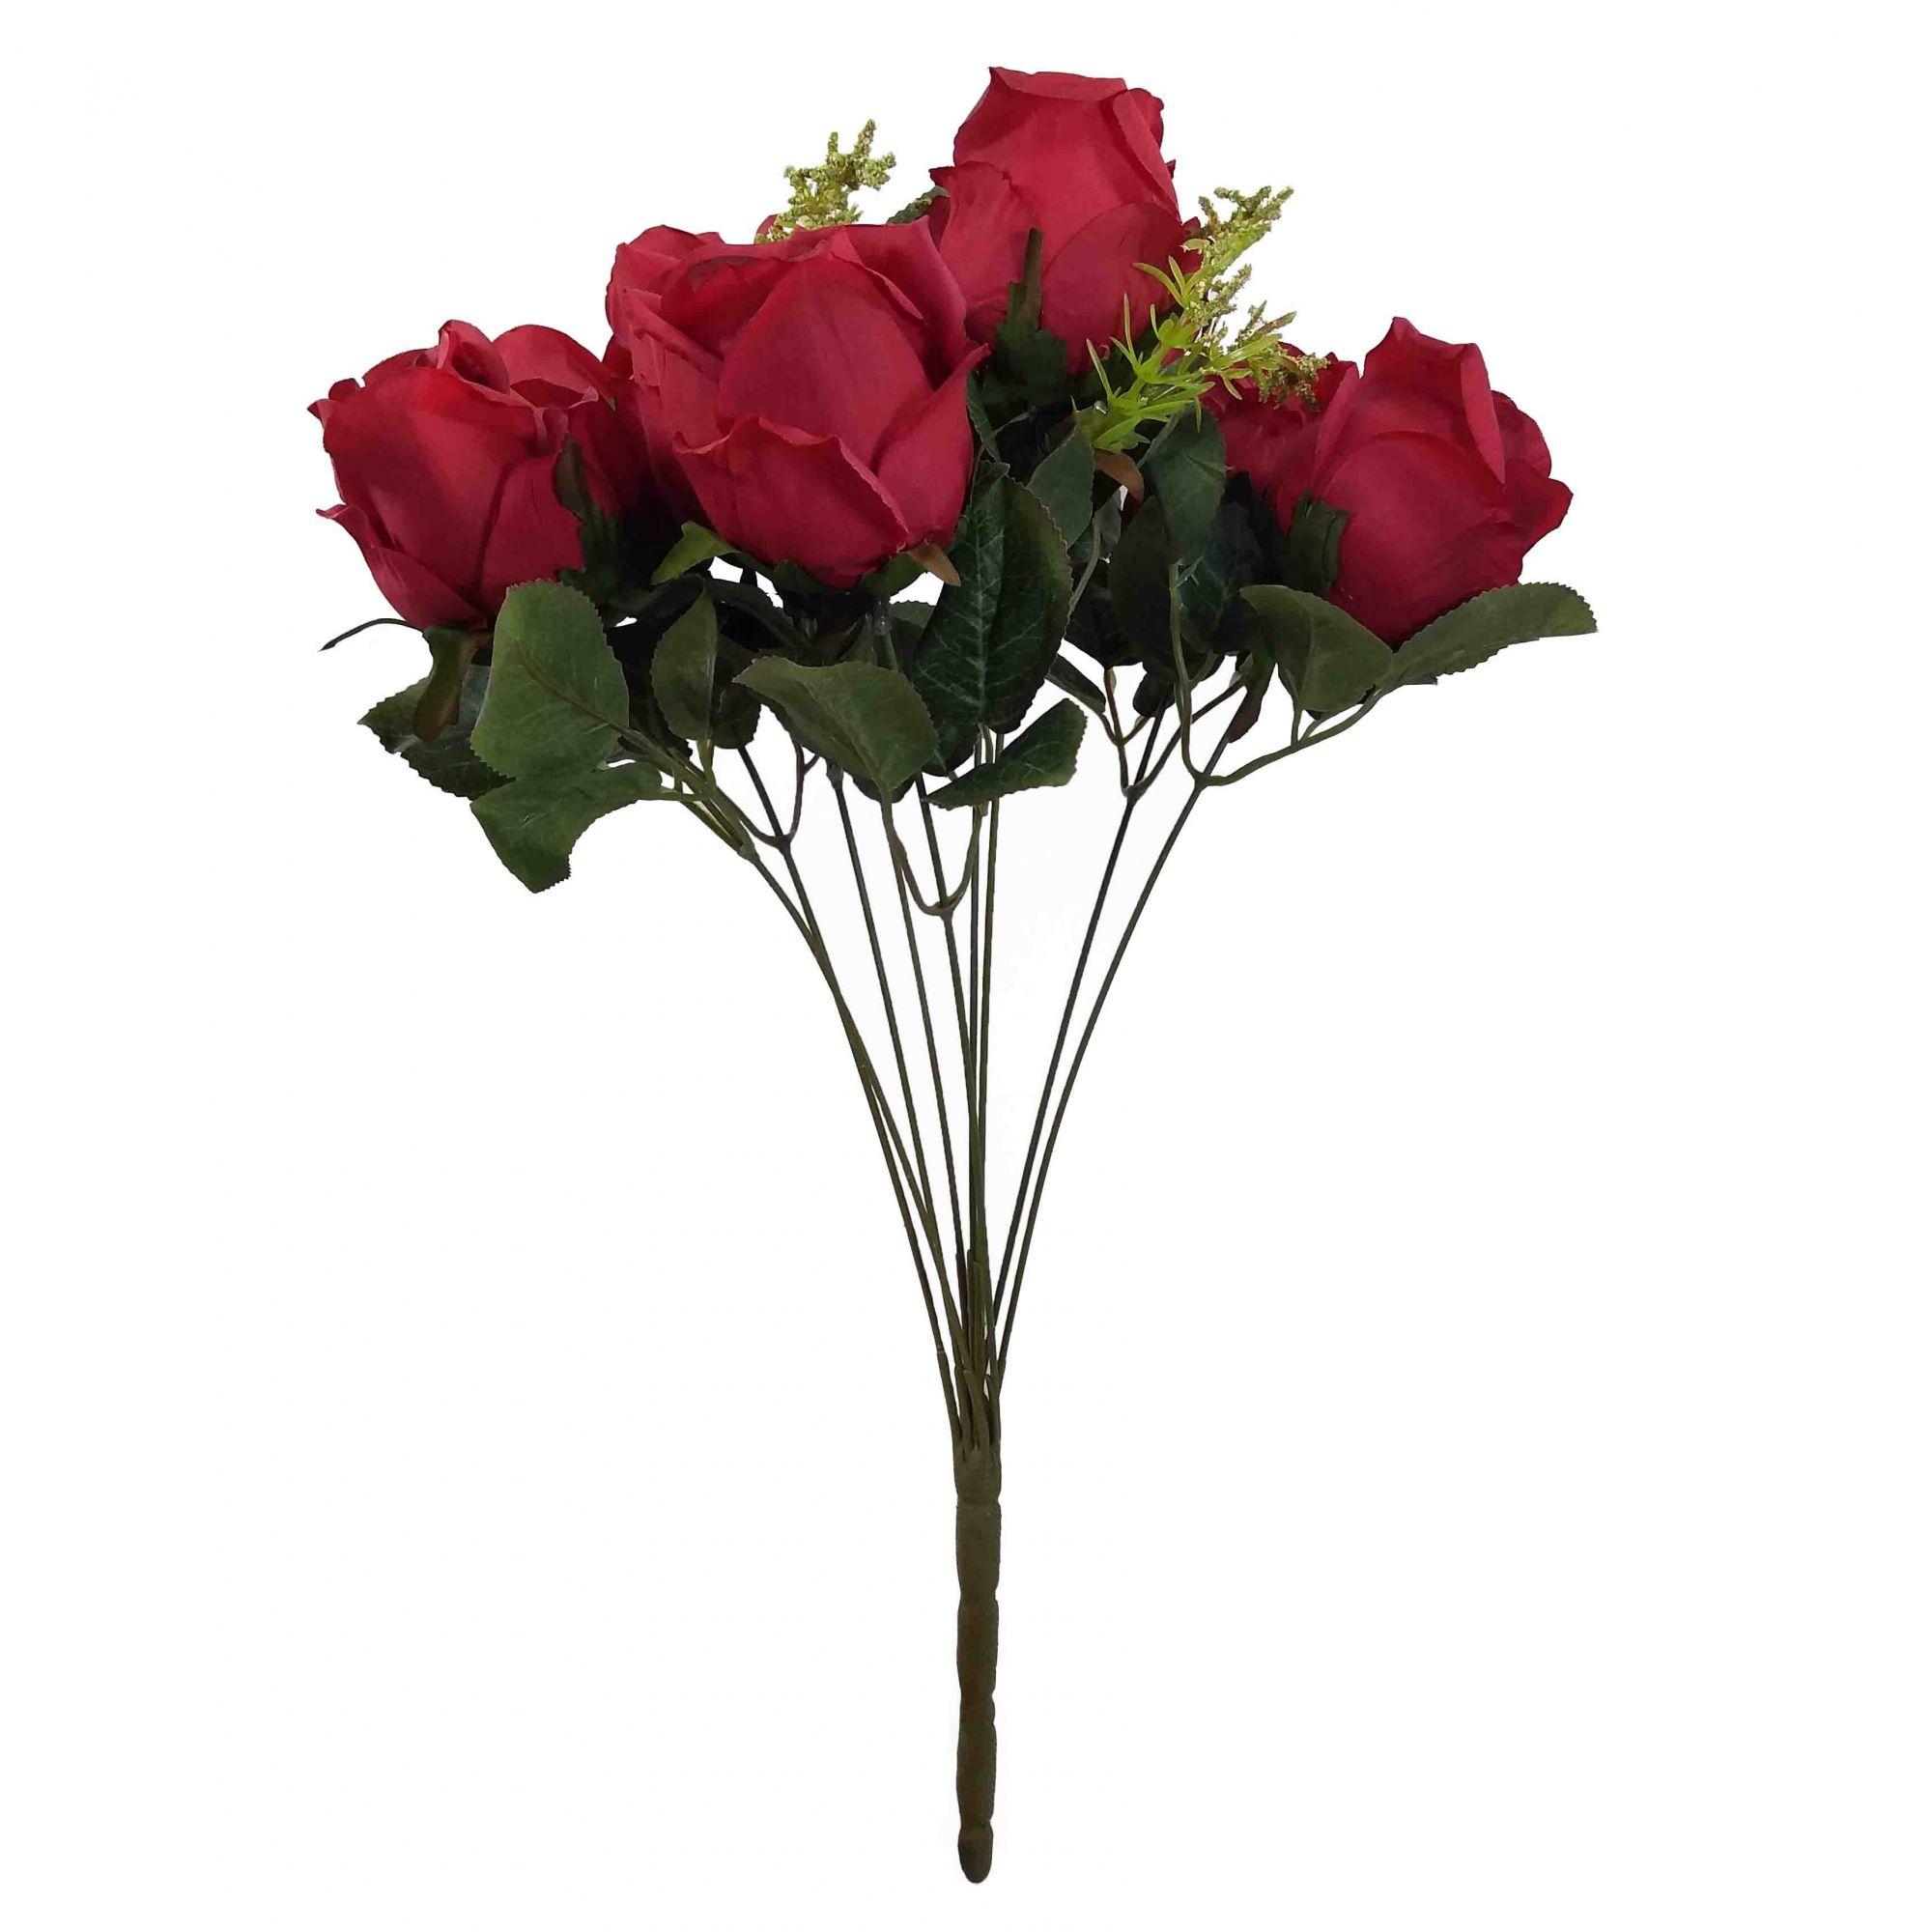 Flor Rosa Cor Vermelho Outono Artificial Permanente 52CM 36435-005